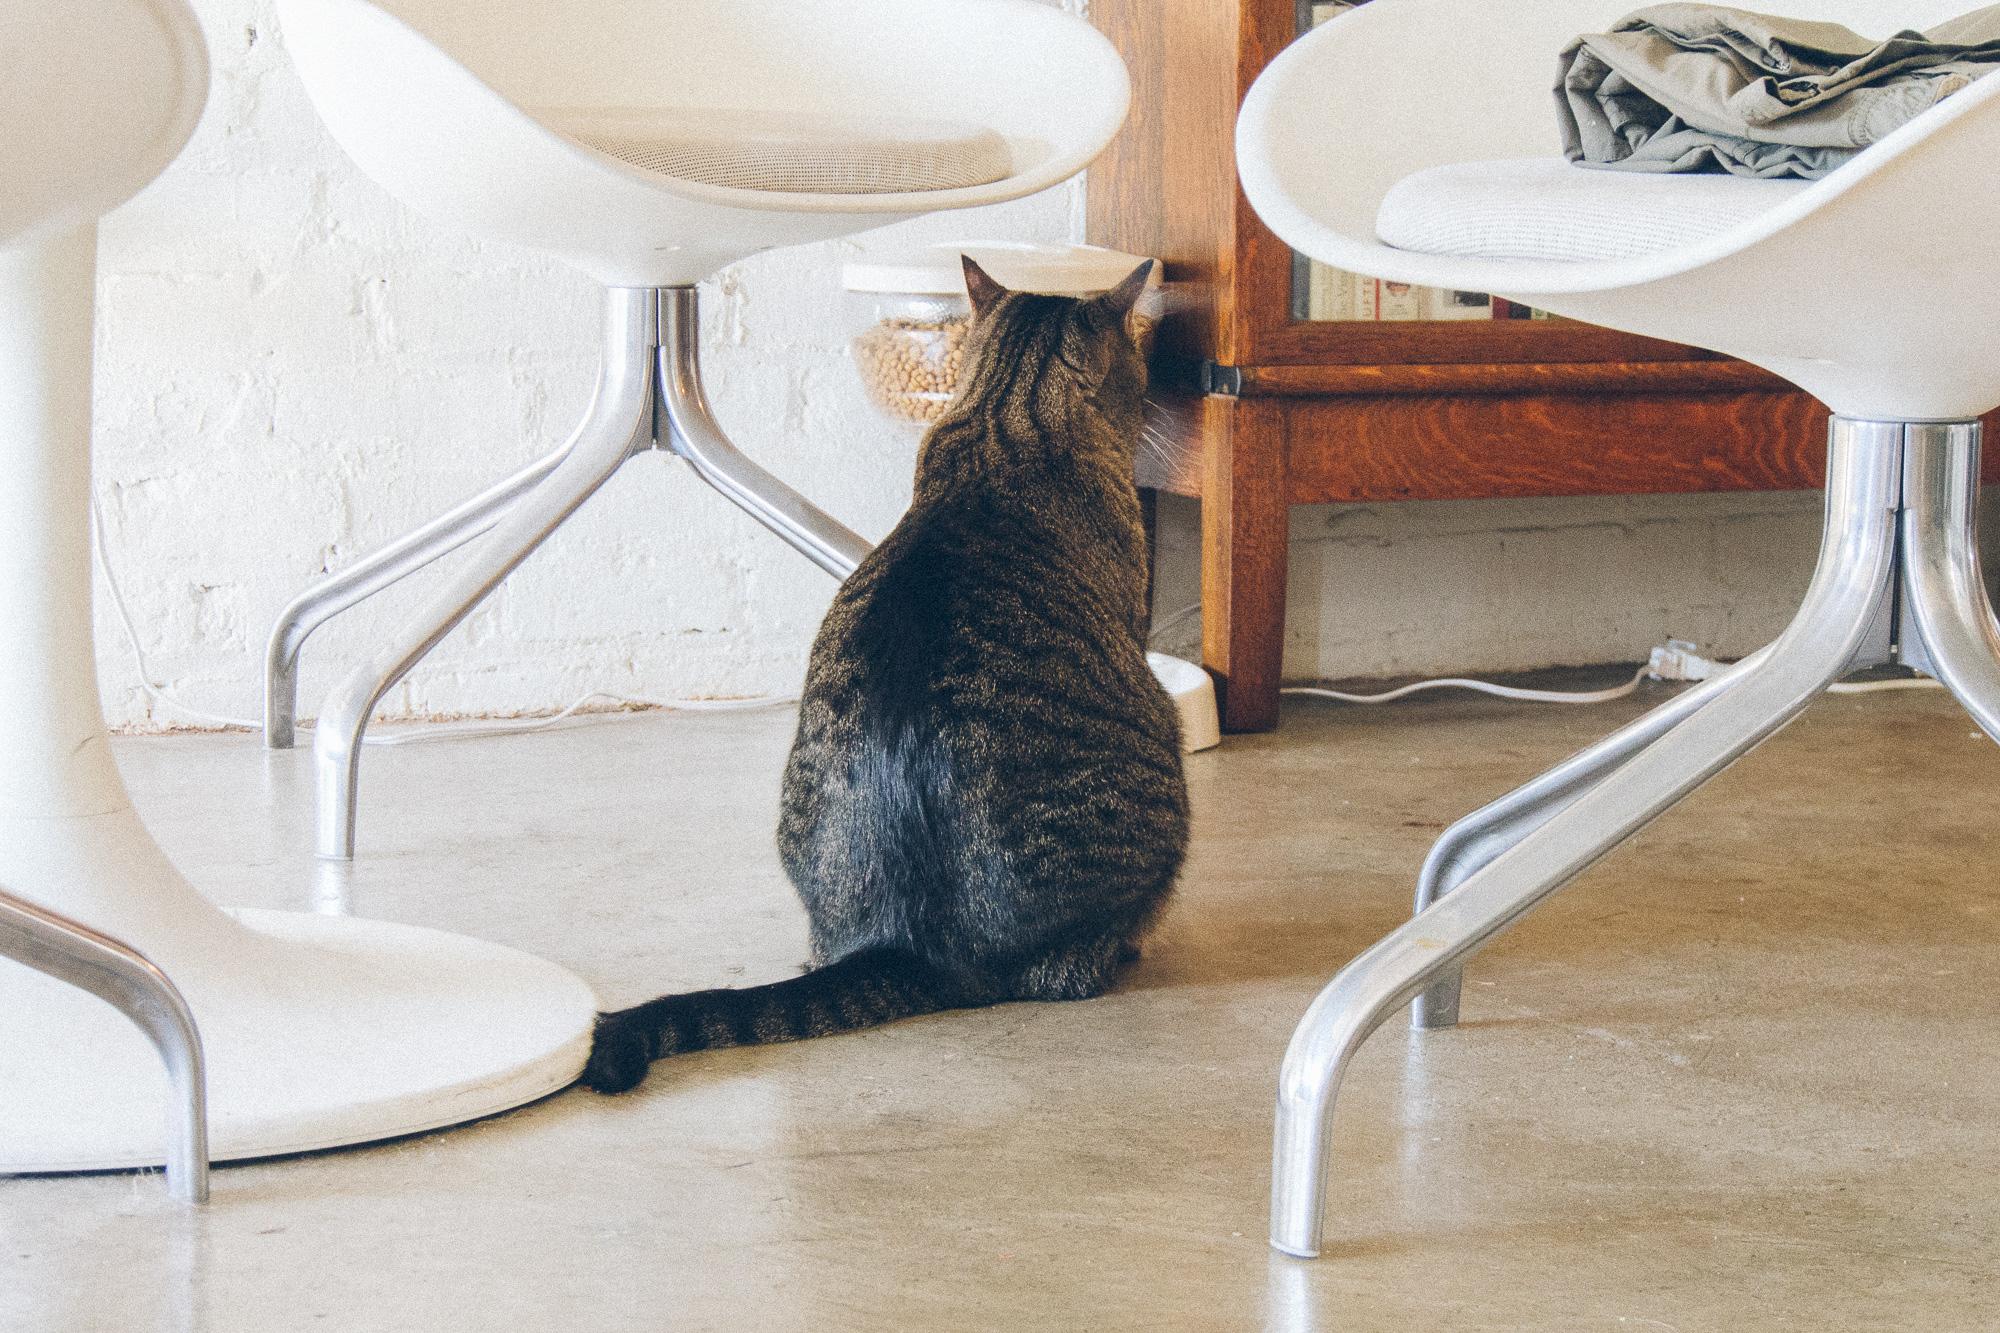 A cat stares at a food dispenser